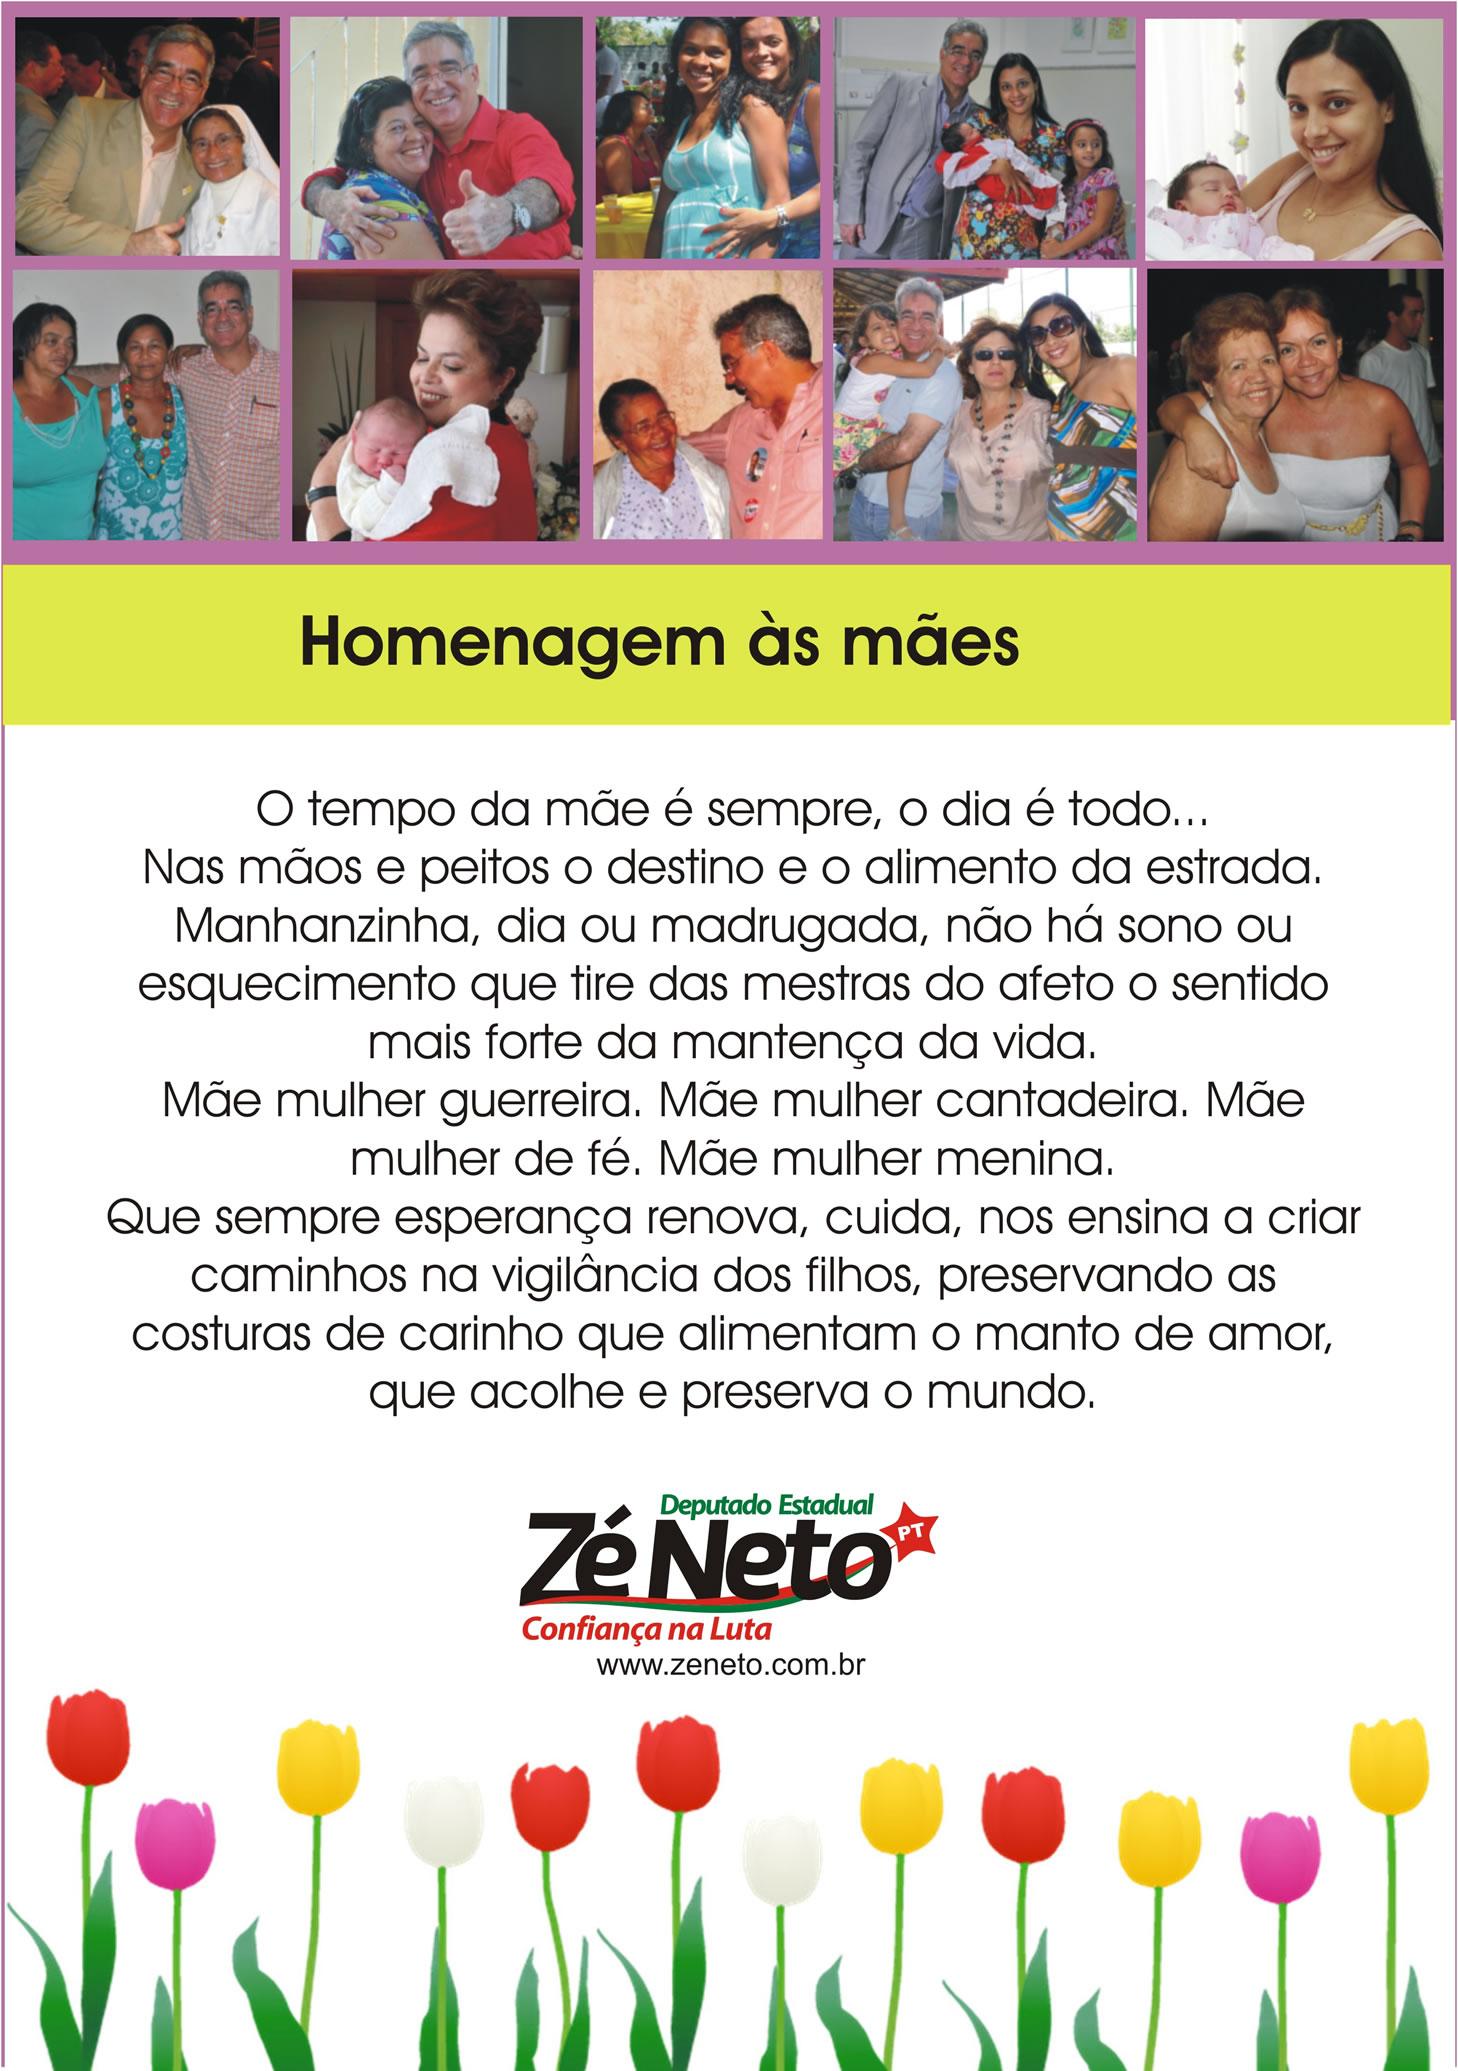 Homenagem ao Dia das Mães 2011